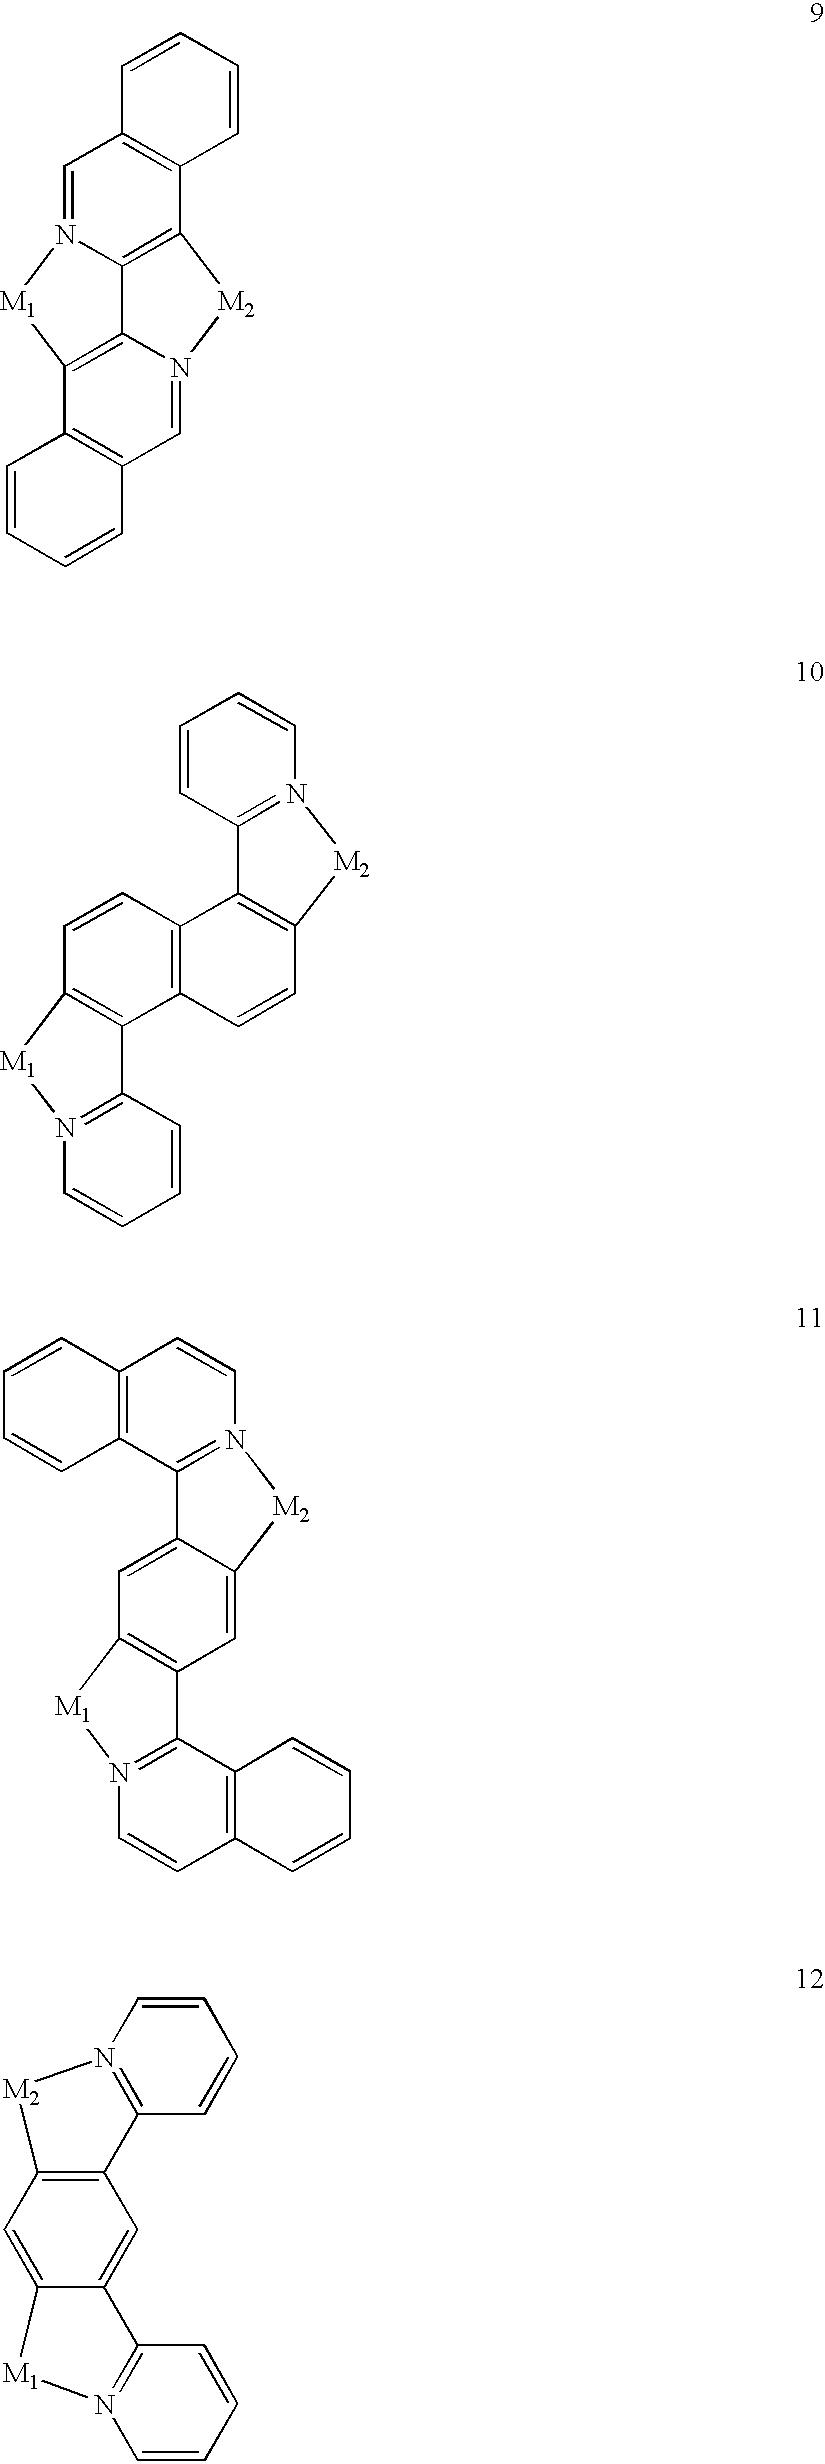 Figure US20030152802A1-20030814-C00008